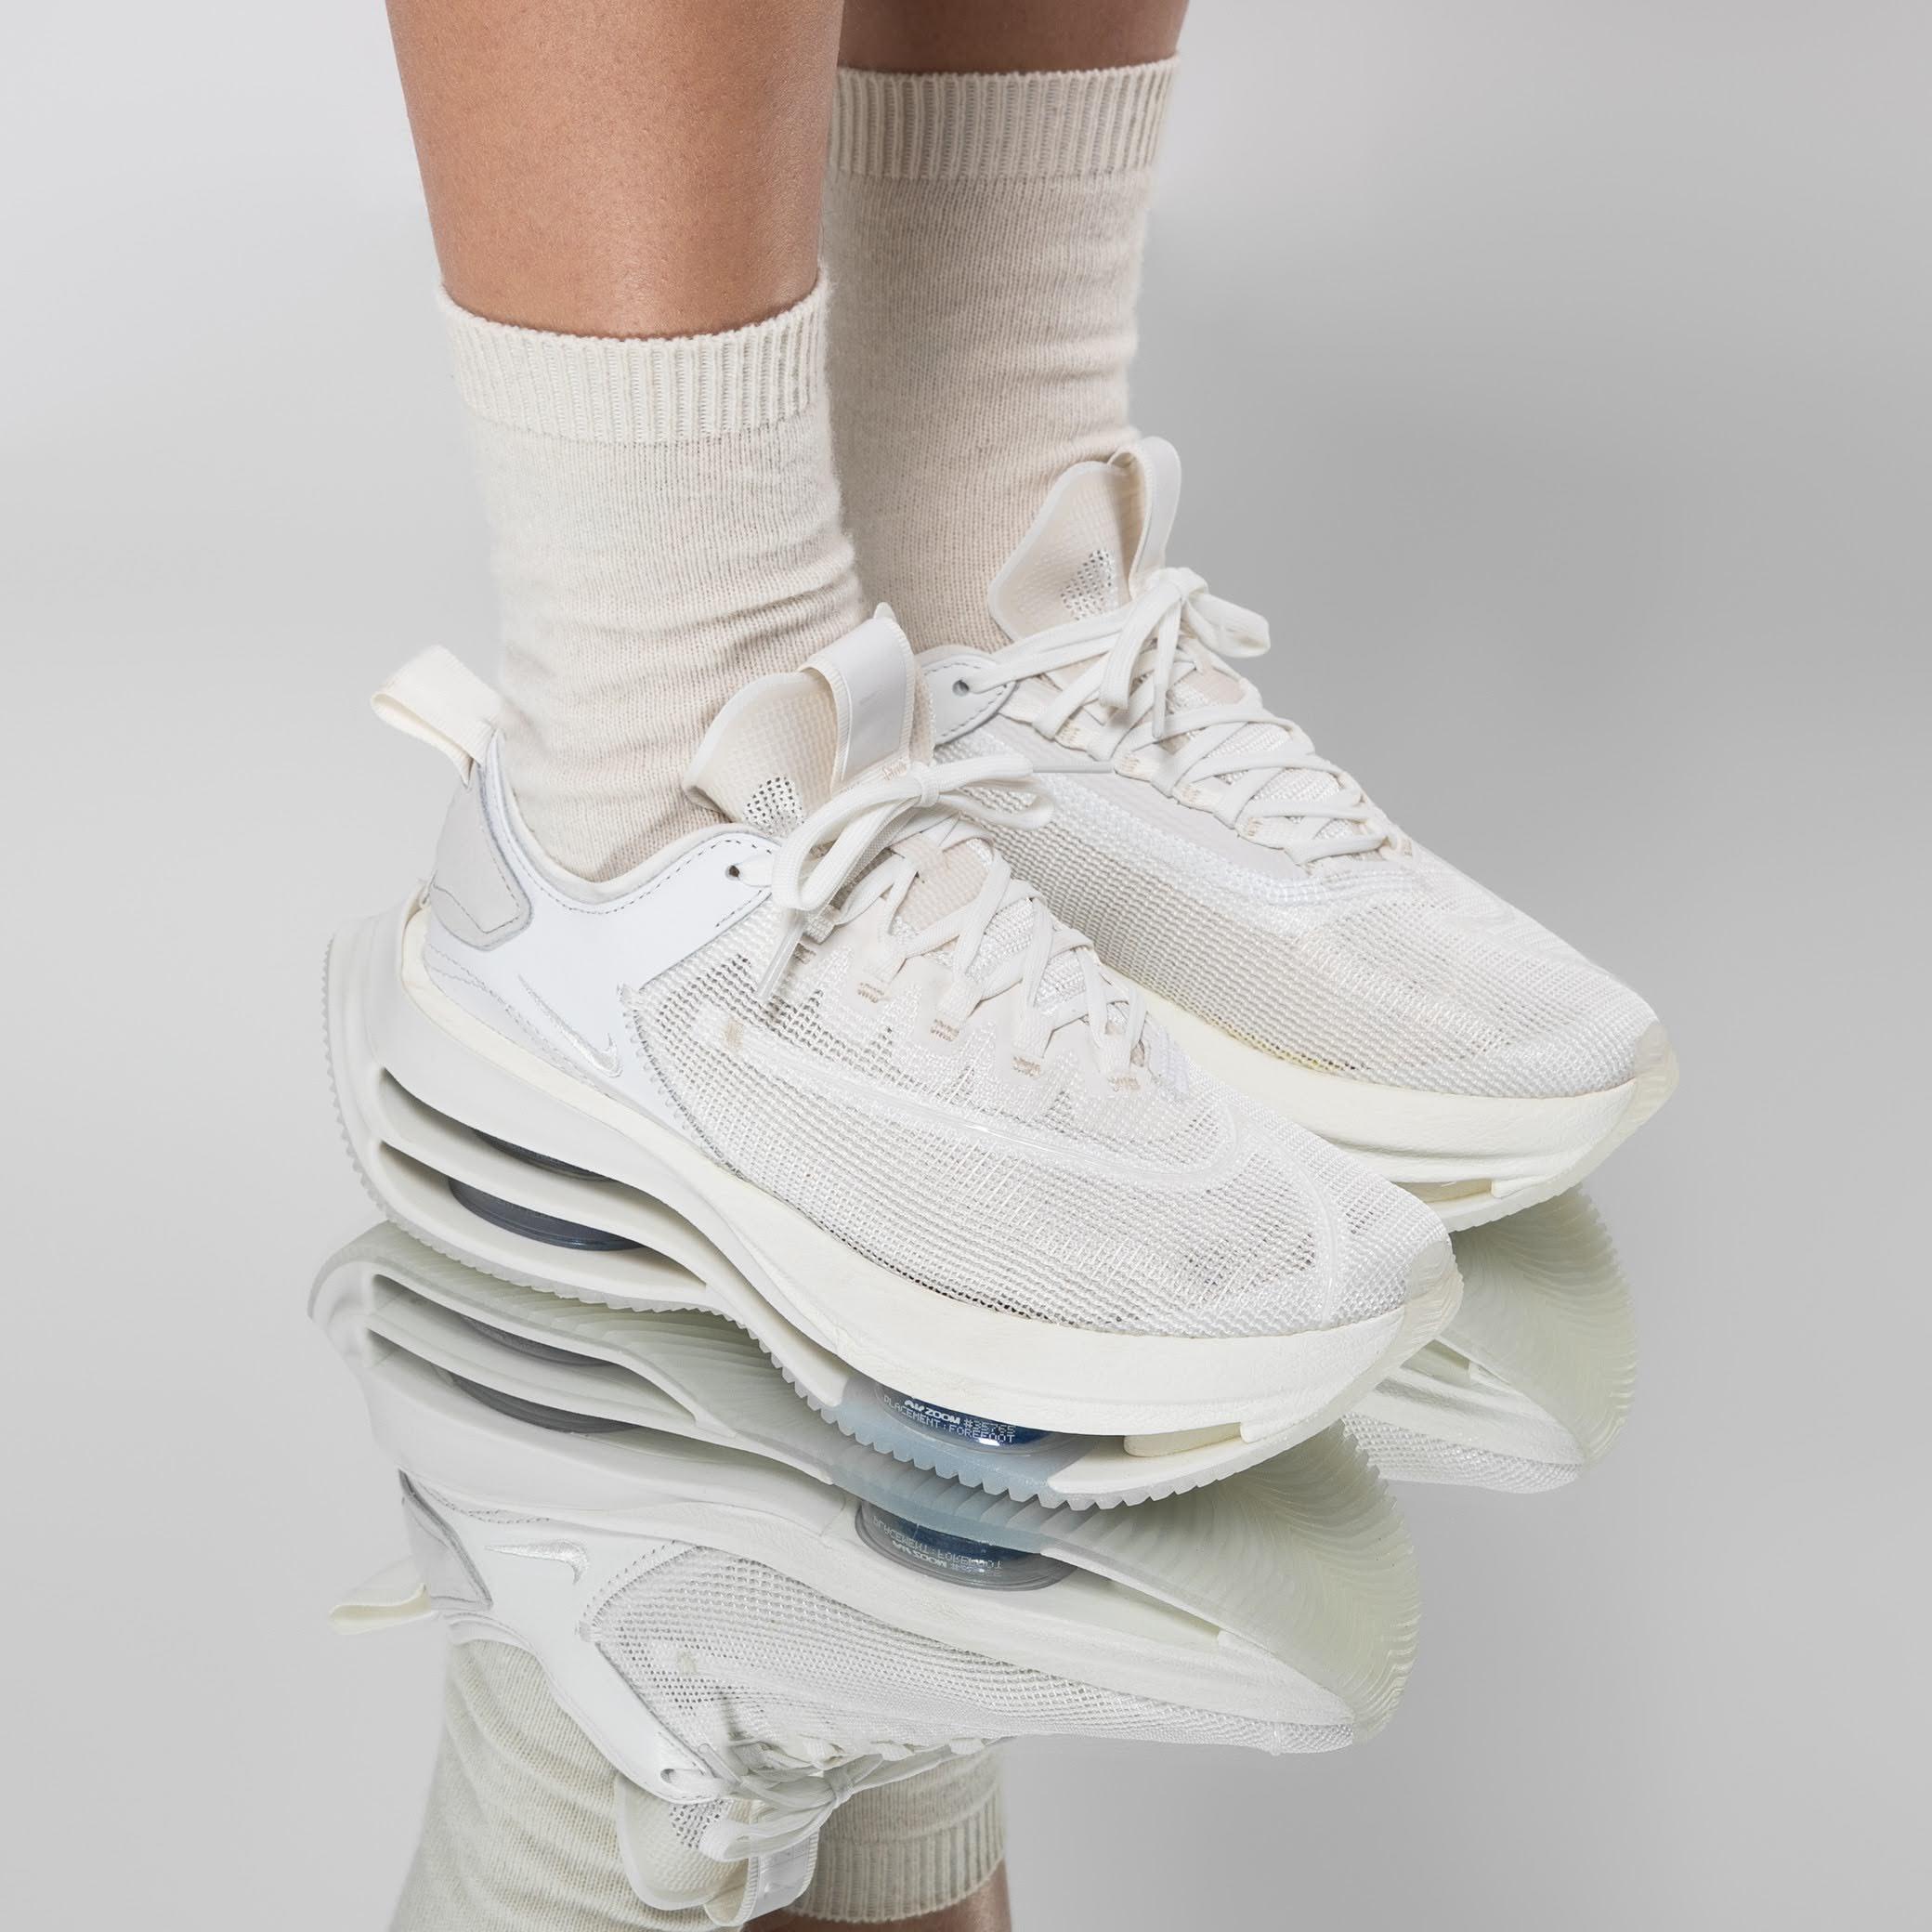 ナイキ ウィメンズ ズーム ダブル スタックド サミット ホワイト Nike-WMNS-Zoom-Double-Stacked-Summit-White-CI0804-100